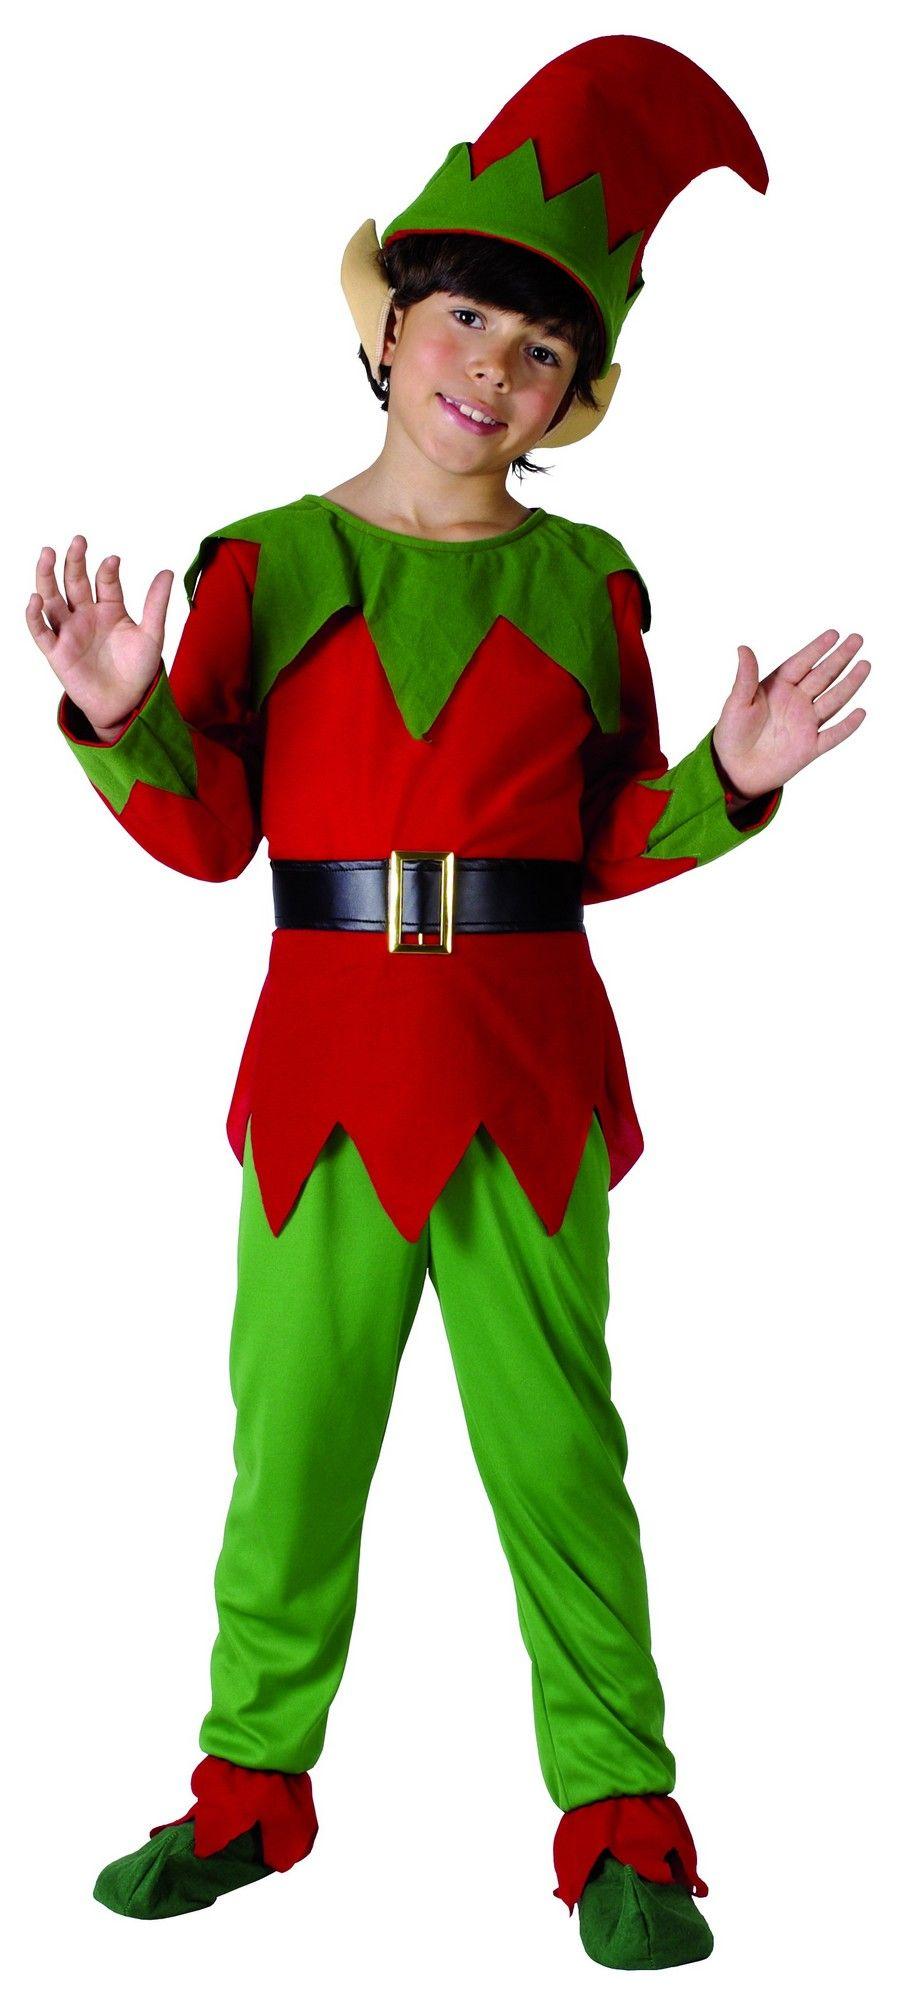 e74b27ea3e9b Costume elfo bambino | arte per bimbi | Elfo di natale, Vestiti ...